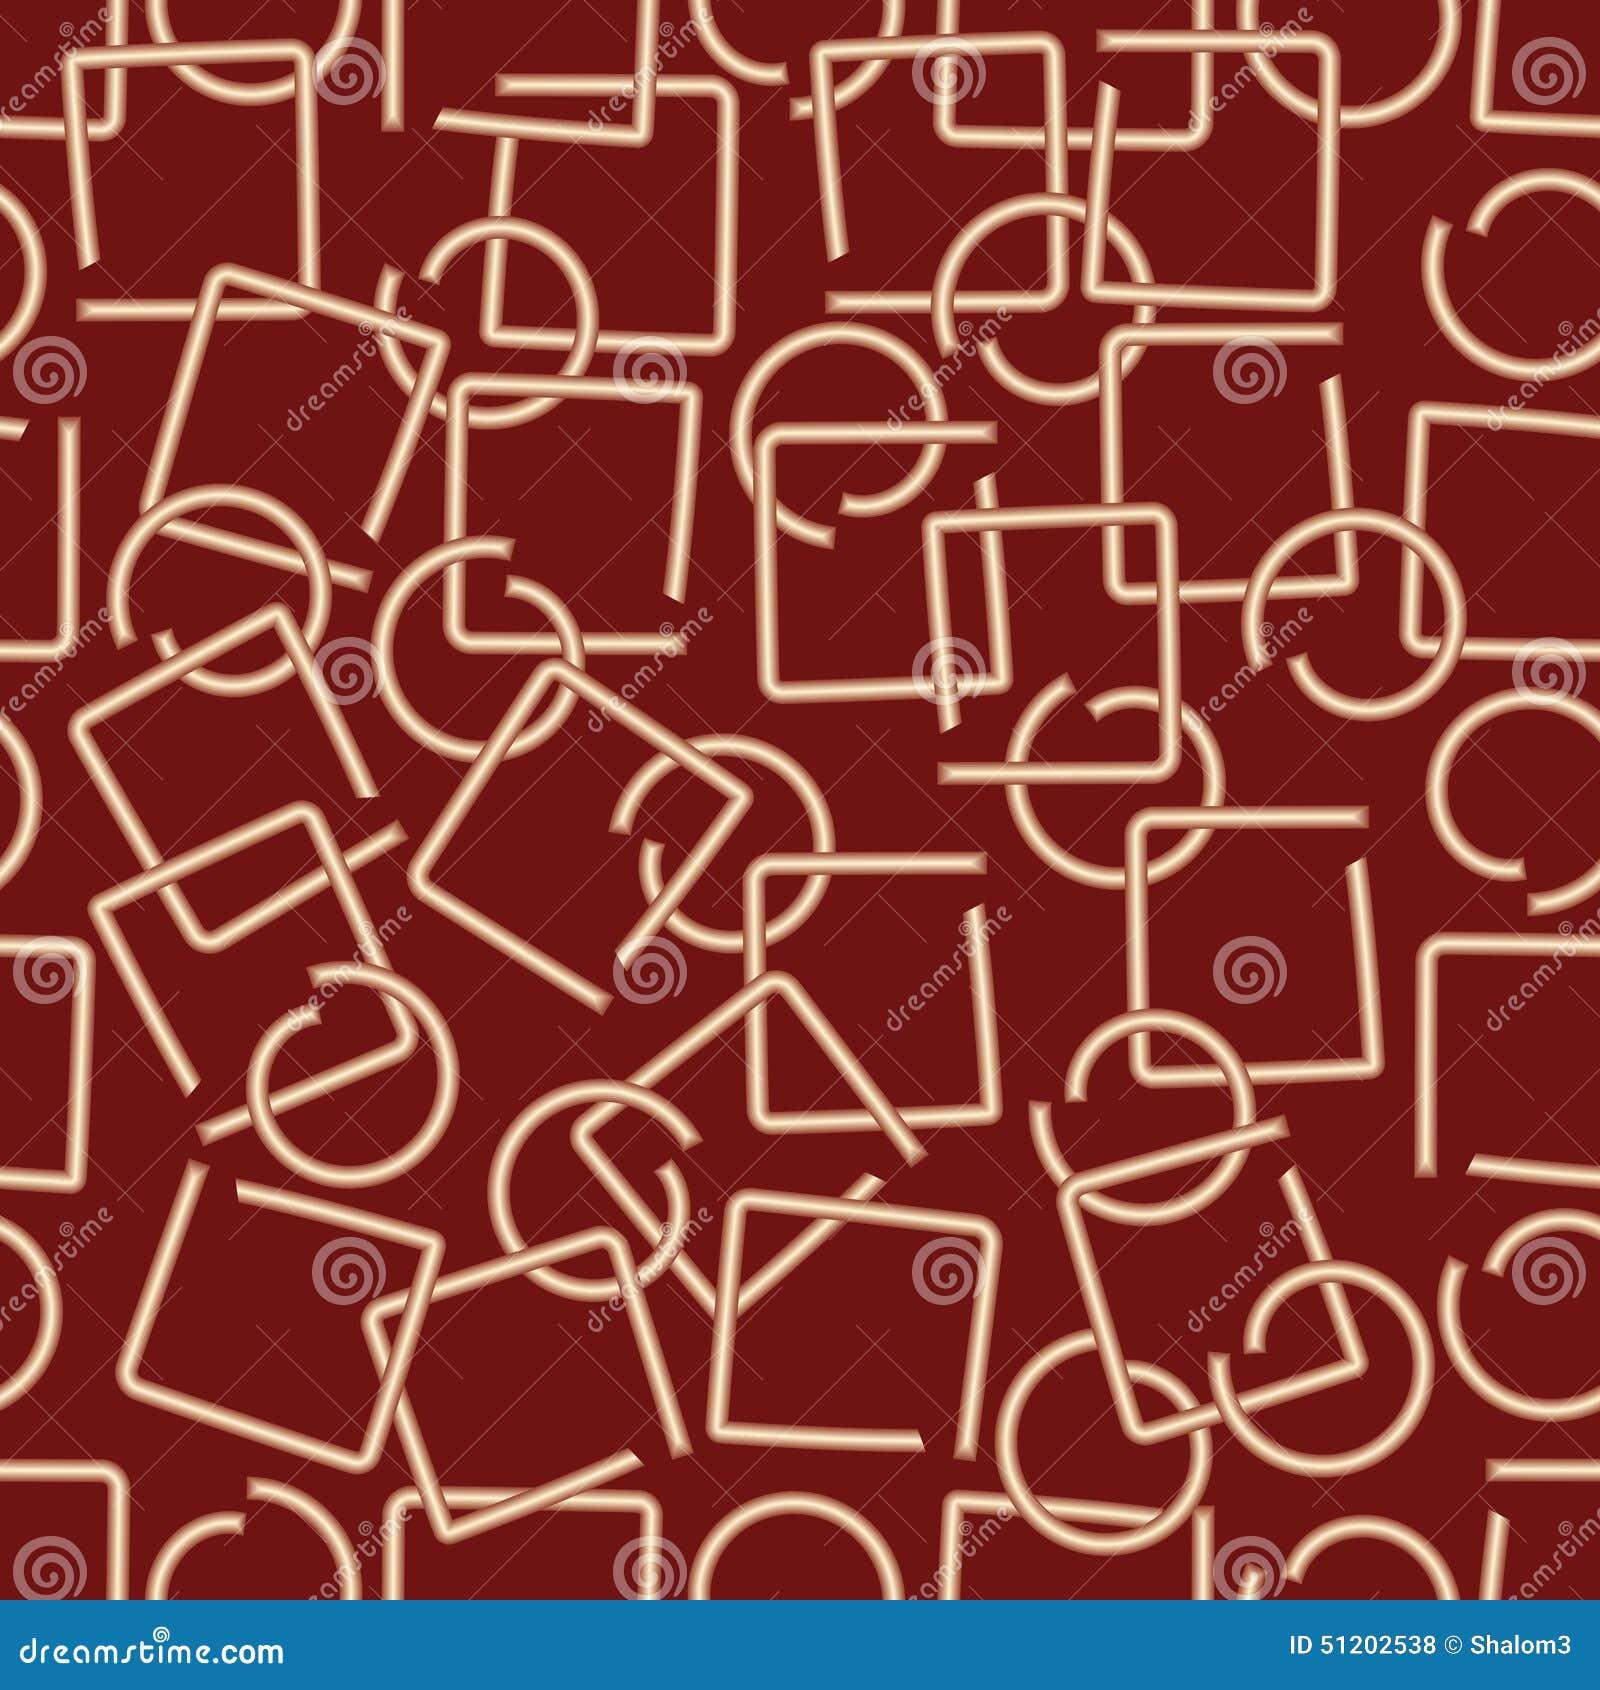 El fondo abstracto moderno con el alambre de cobre amarillo fracturó elementos en forma del cuadrado y del círculo en área rojo o